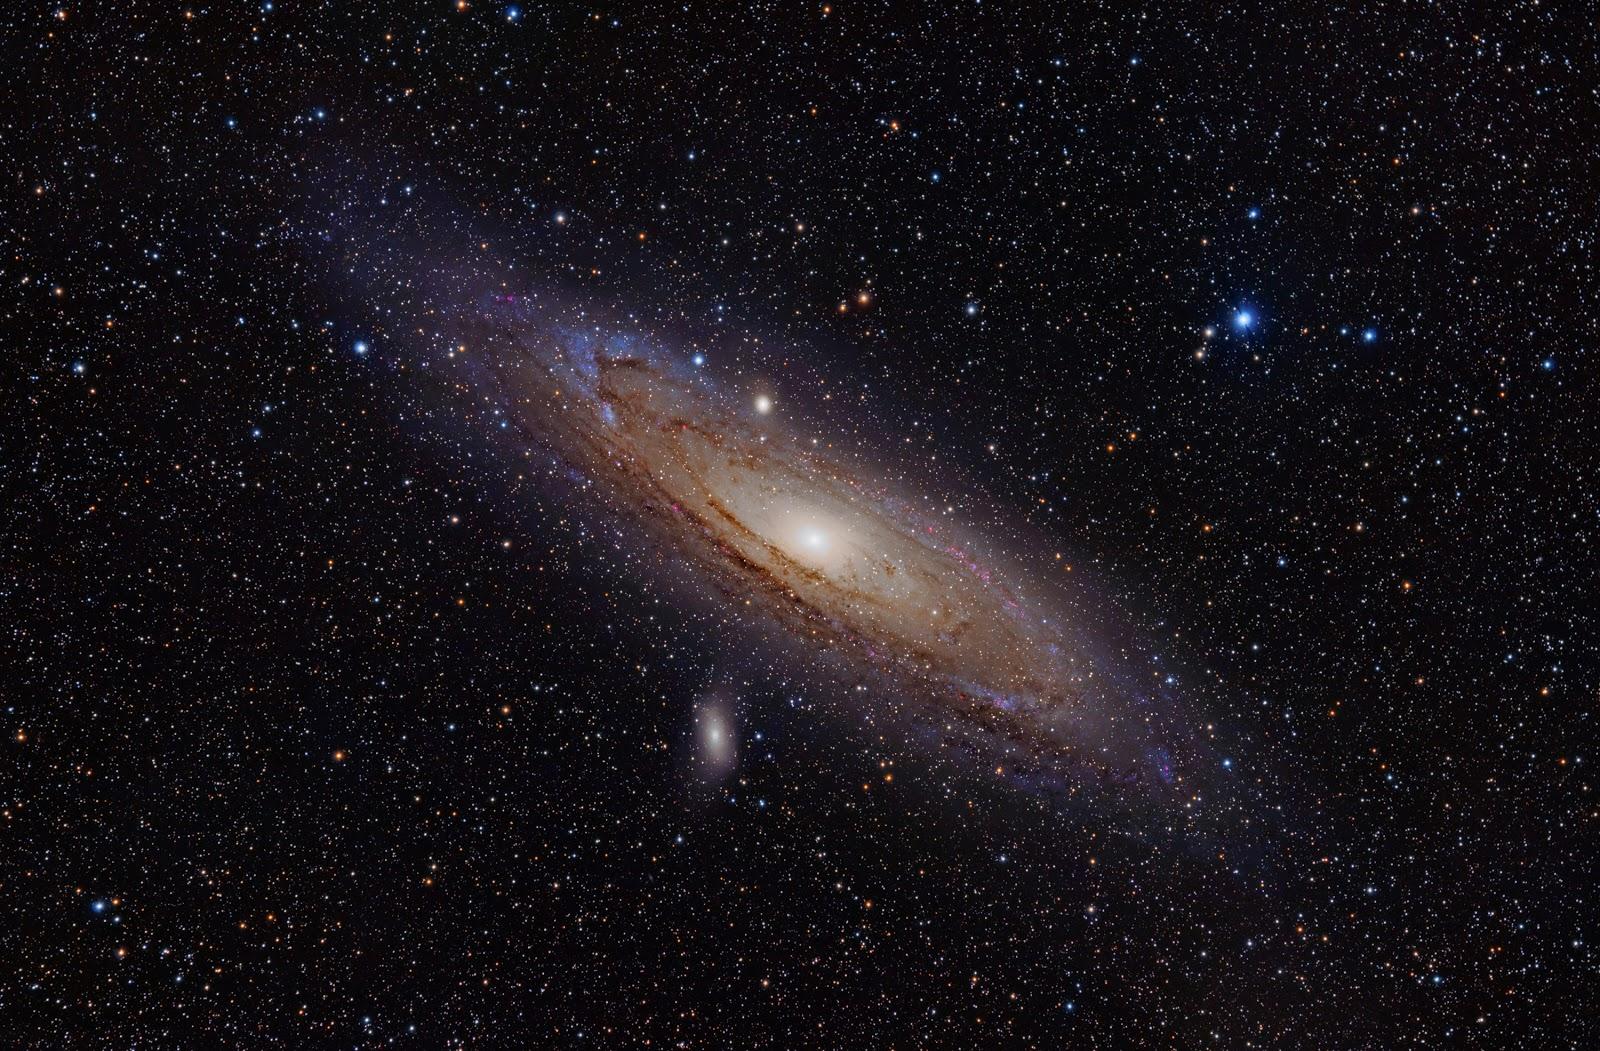 Thiên hà Andromeda với hai thiên hà vệ tinh của nó. Tác giả : Adam Evans.